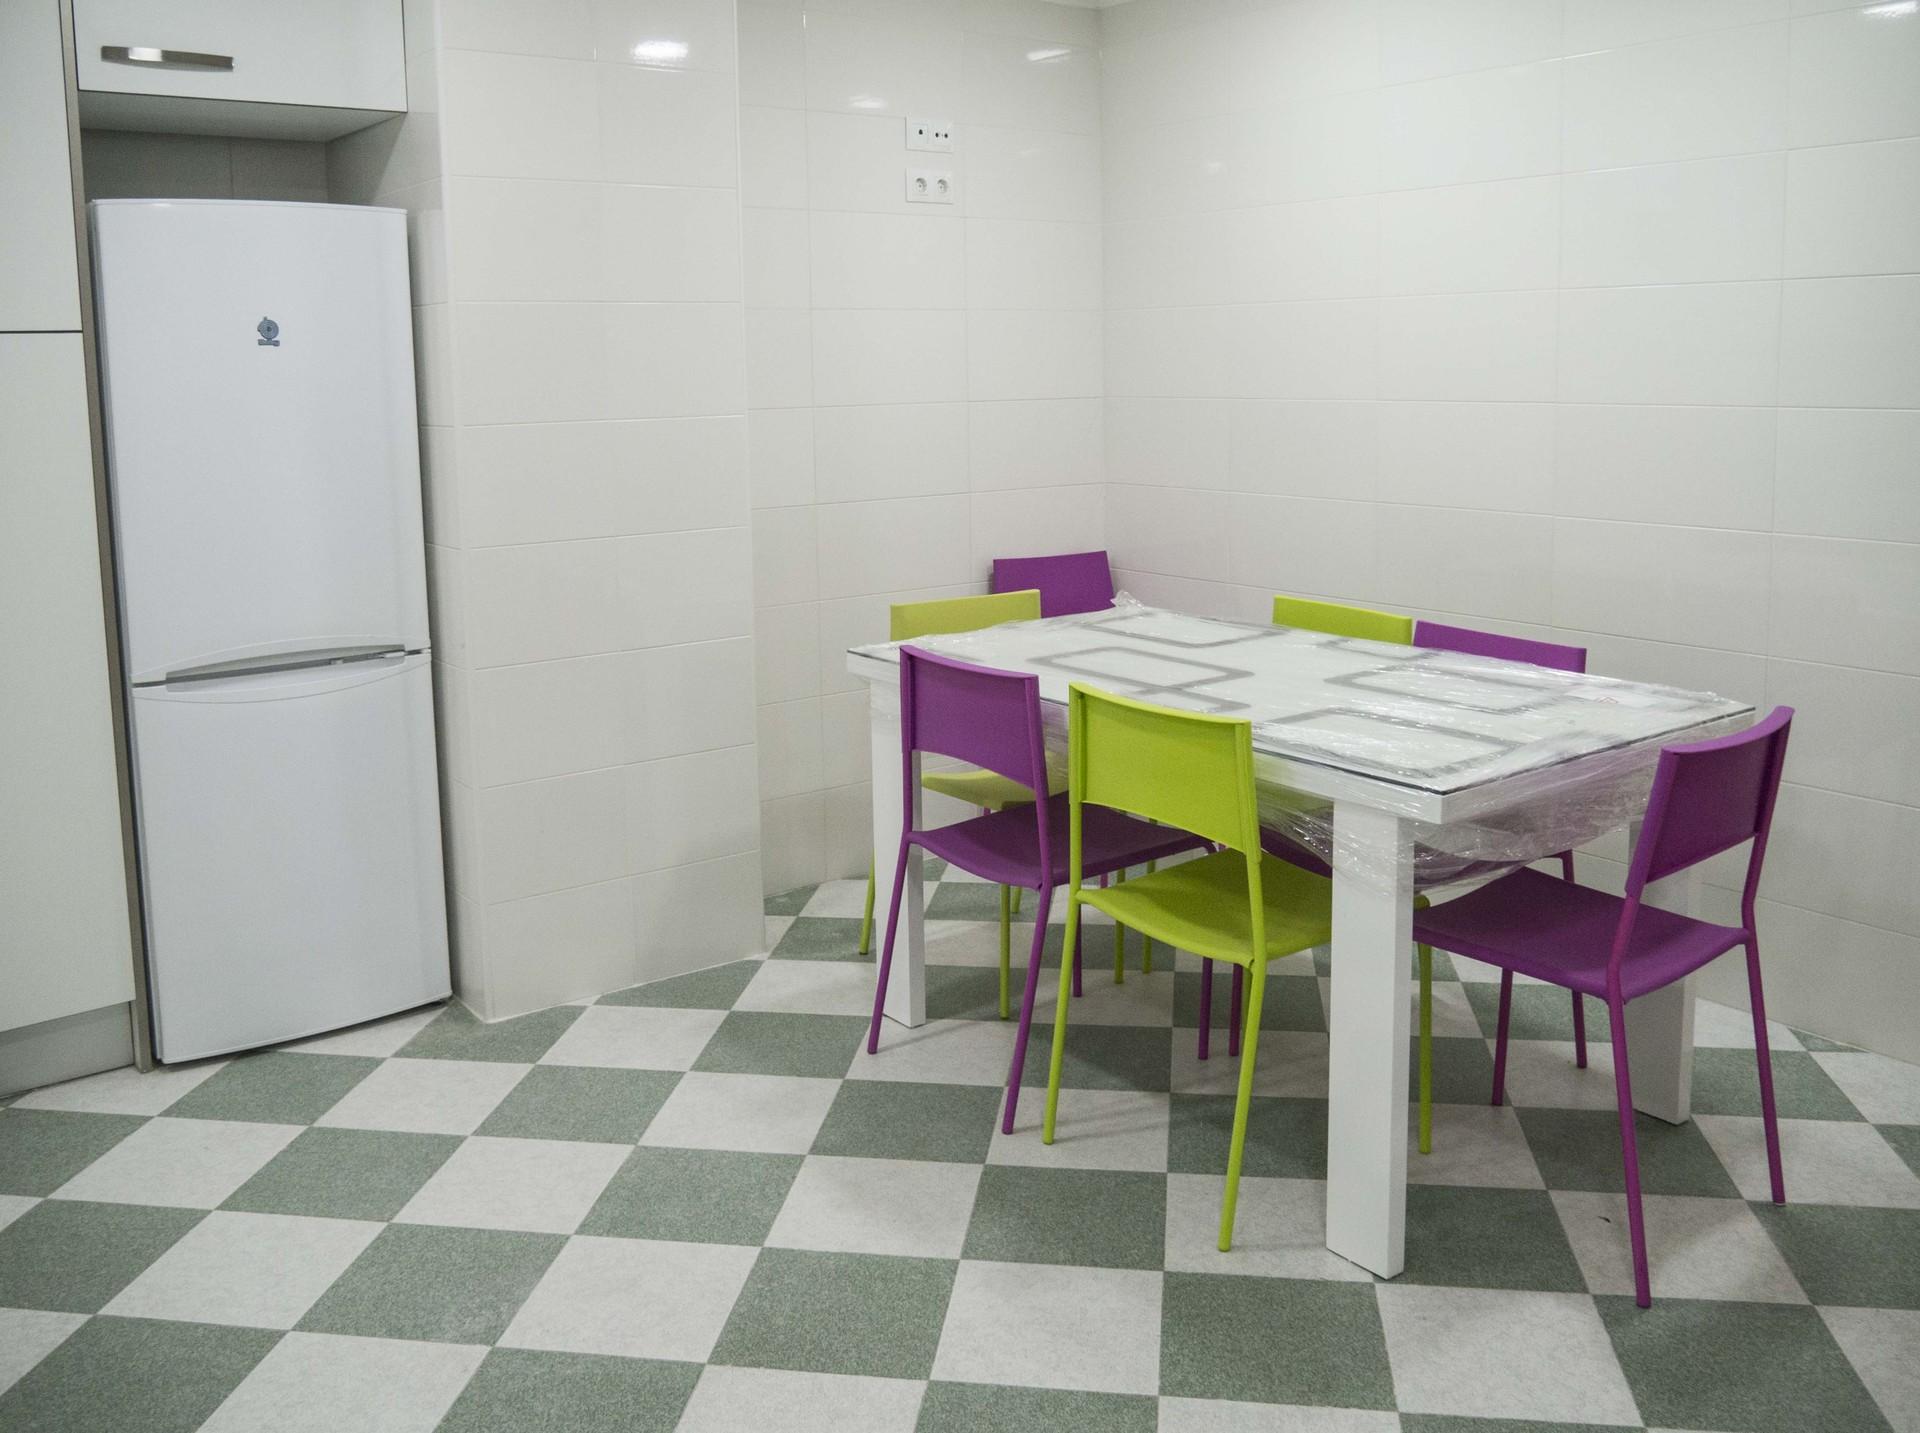 Habitaci n piso compartido en el centro de valencia for Pisos estudiantes valencia